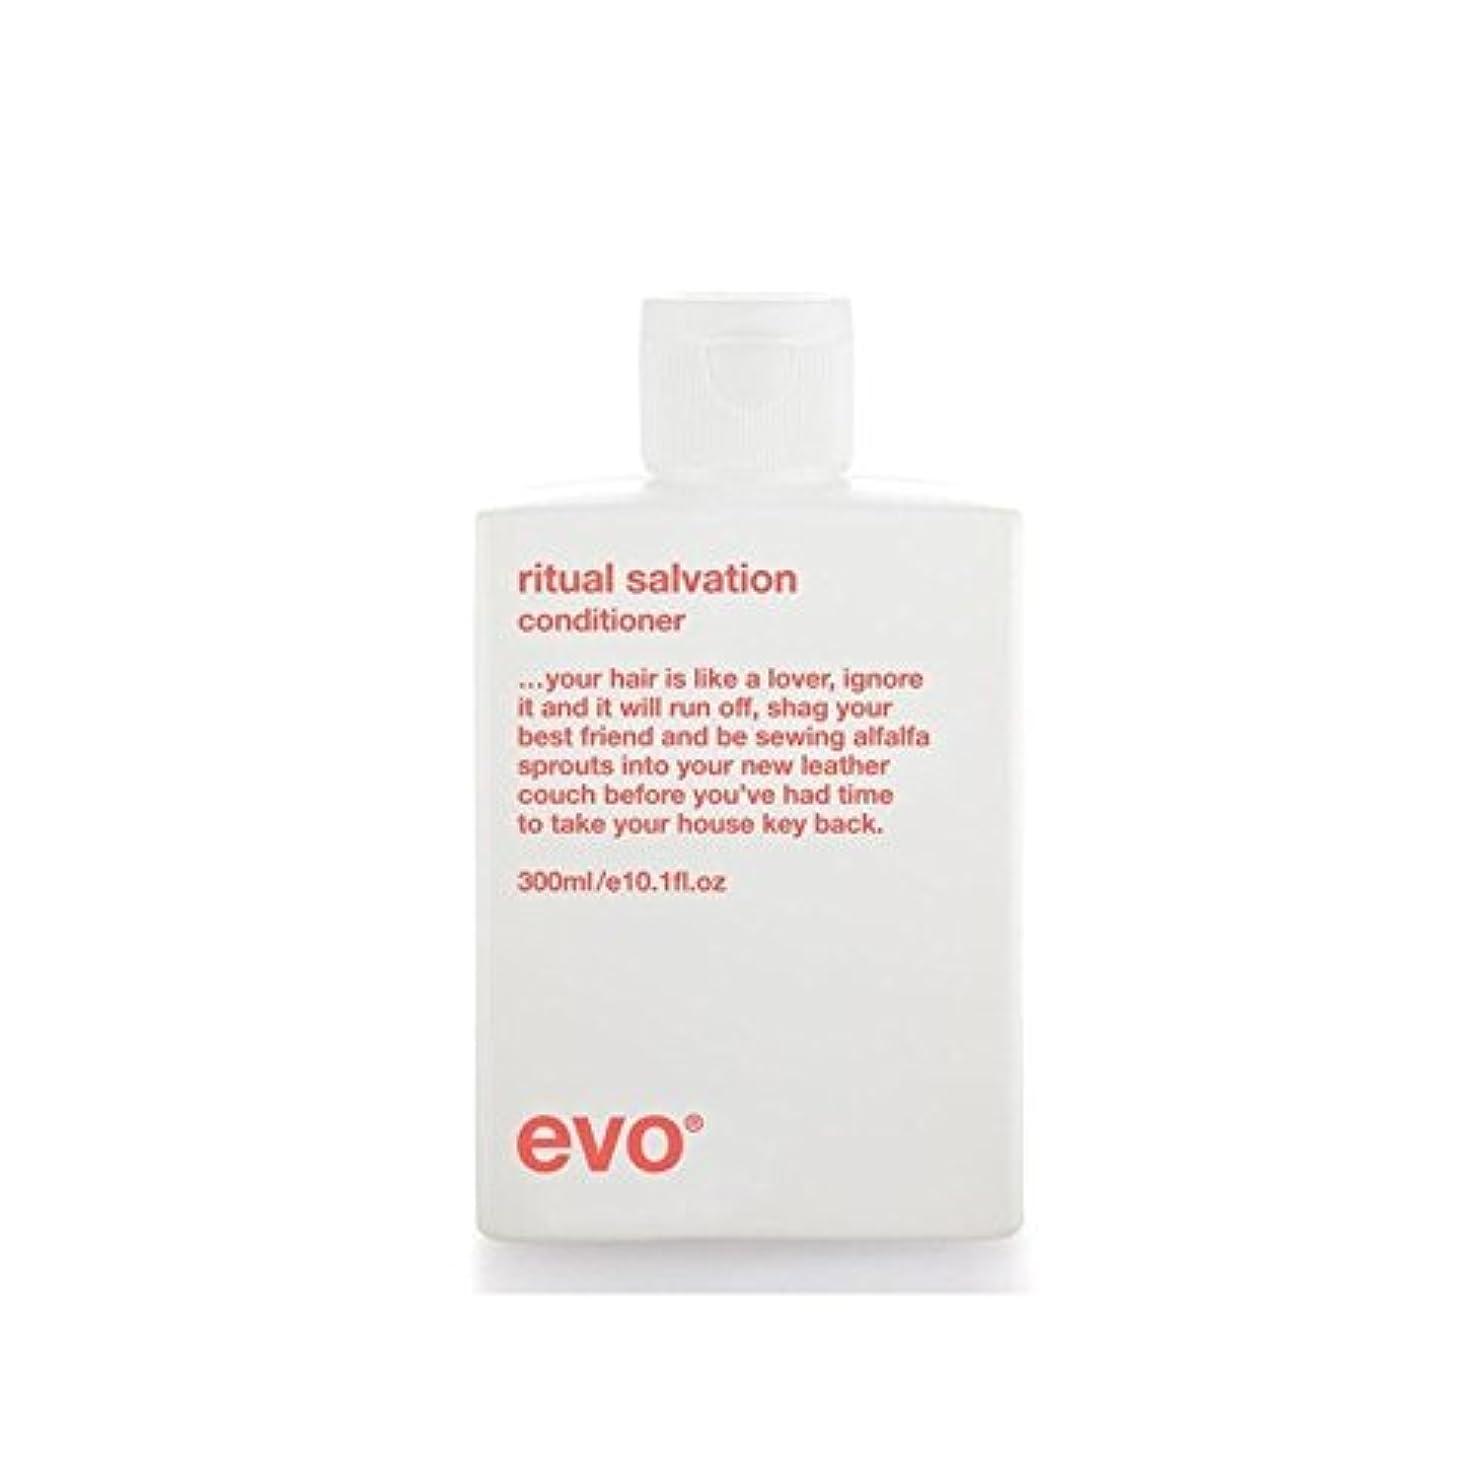 労働血バーマド儀式救いコンディショナー(300ミリリットル) x2 - Evo Ritual Salvation Conditioner (300ml) (Pack of 2) [並行輸入品]